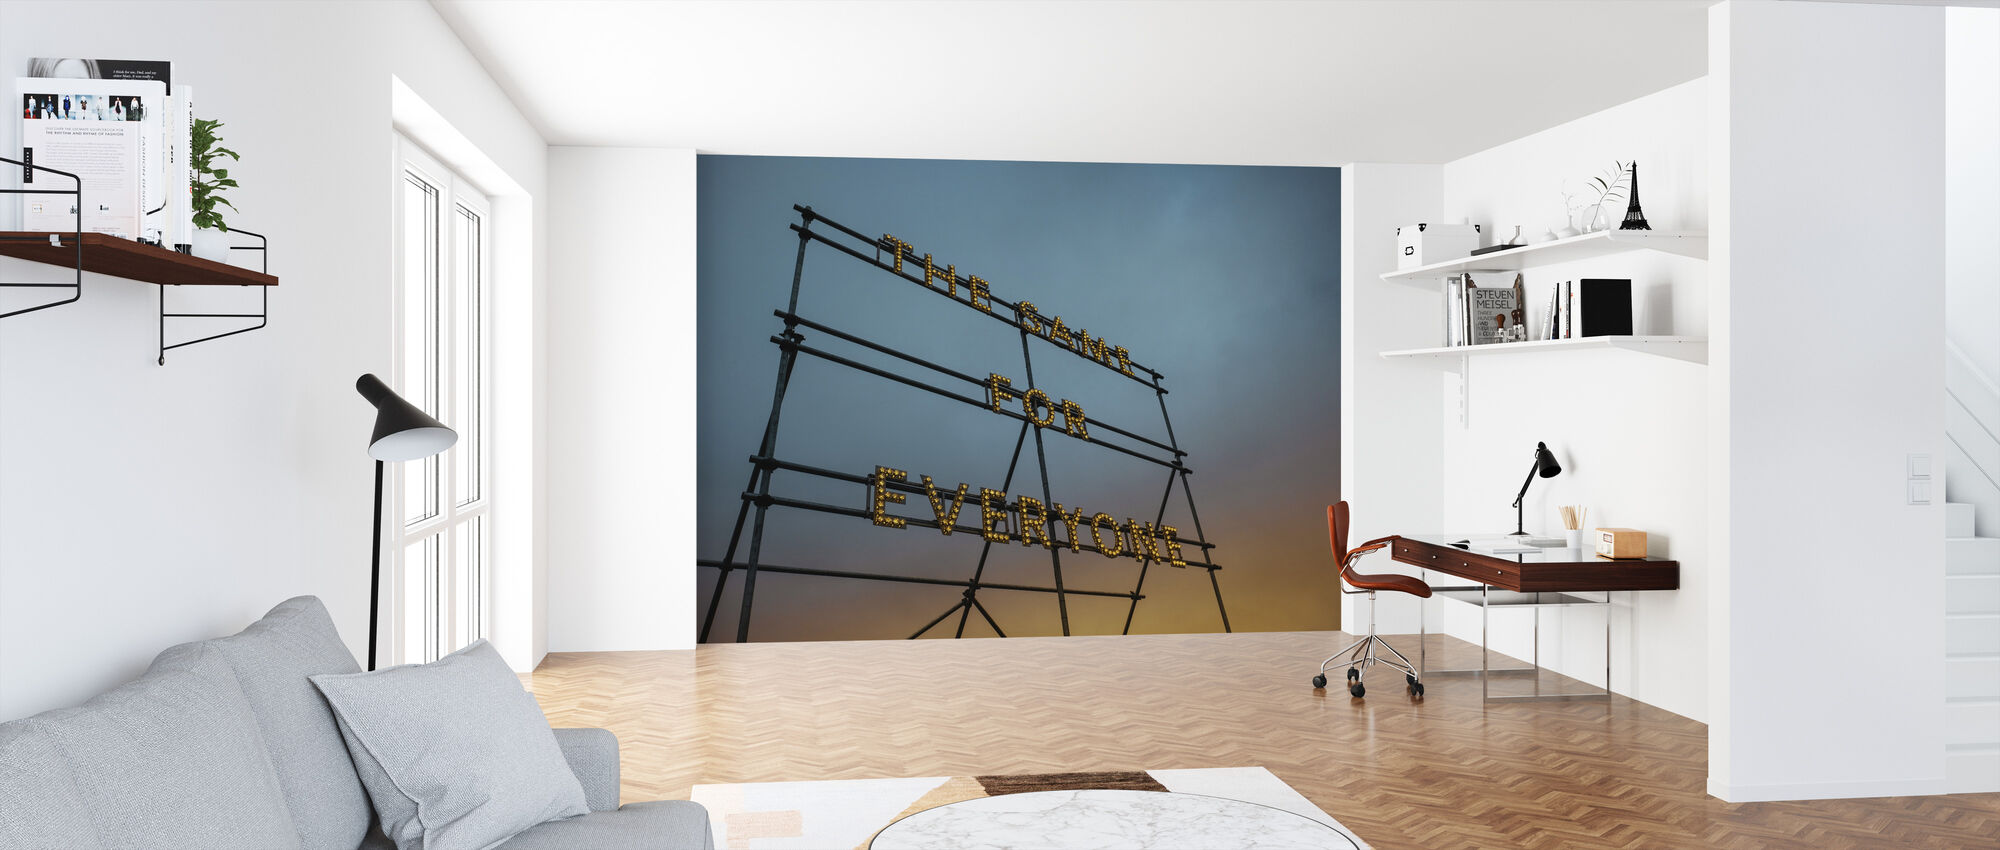 Typografie Art Lights - Behang - Kantoor